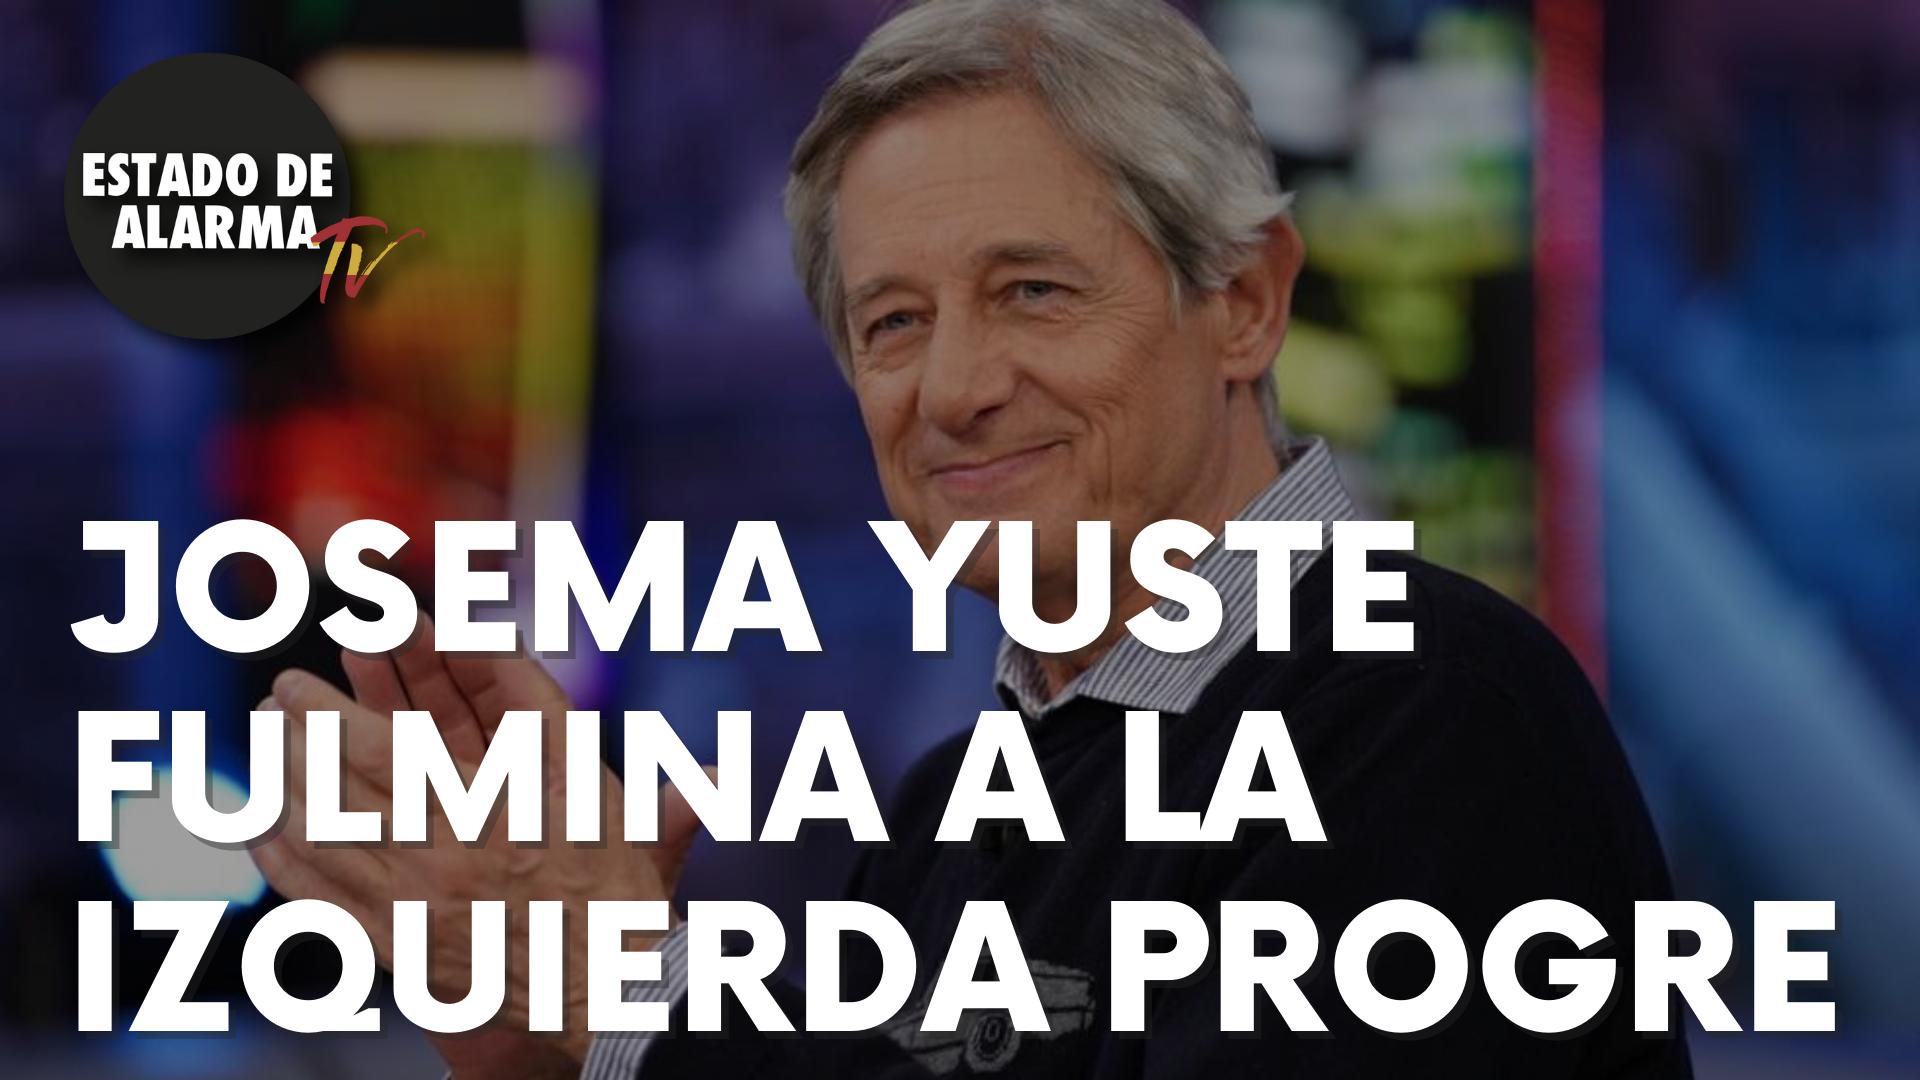 Josema Yuste fulmina a la izquierda progre